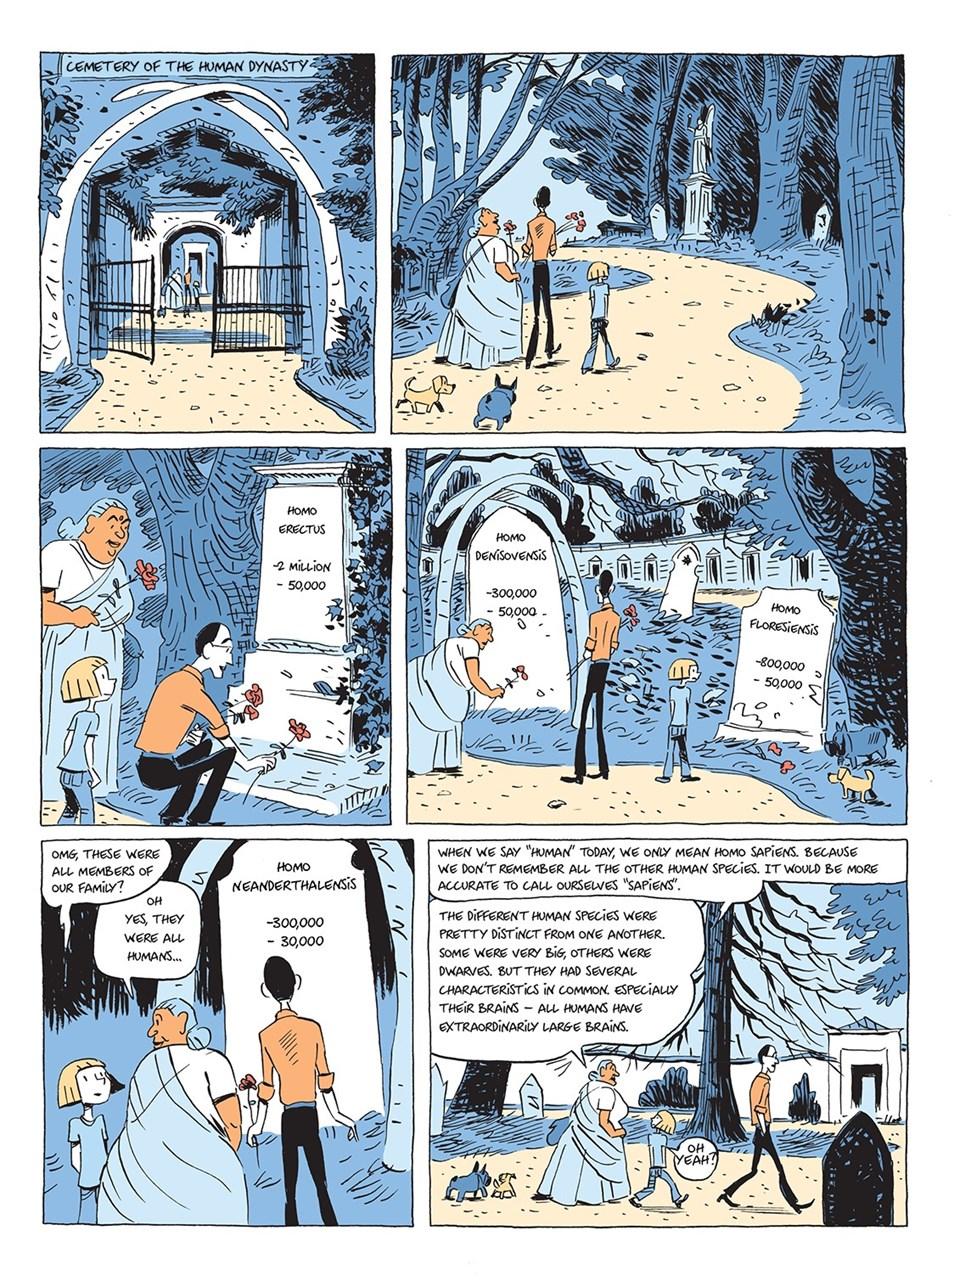 Çizgi roman olarak yeniden yayımlanacak olan Sapiens'ten bir sayfa